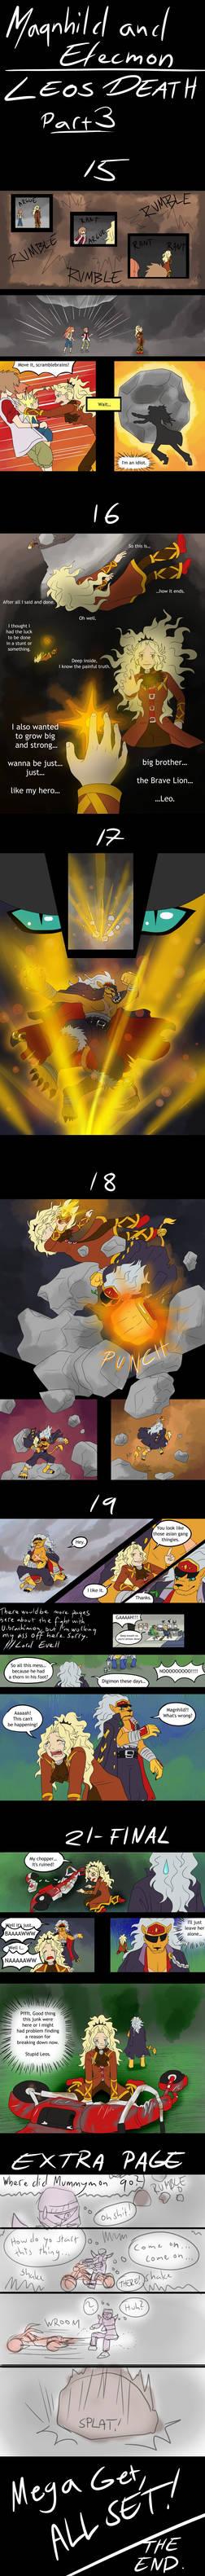 Magnhild and Elecmon - Leos death - part 3 FINAL